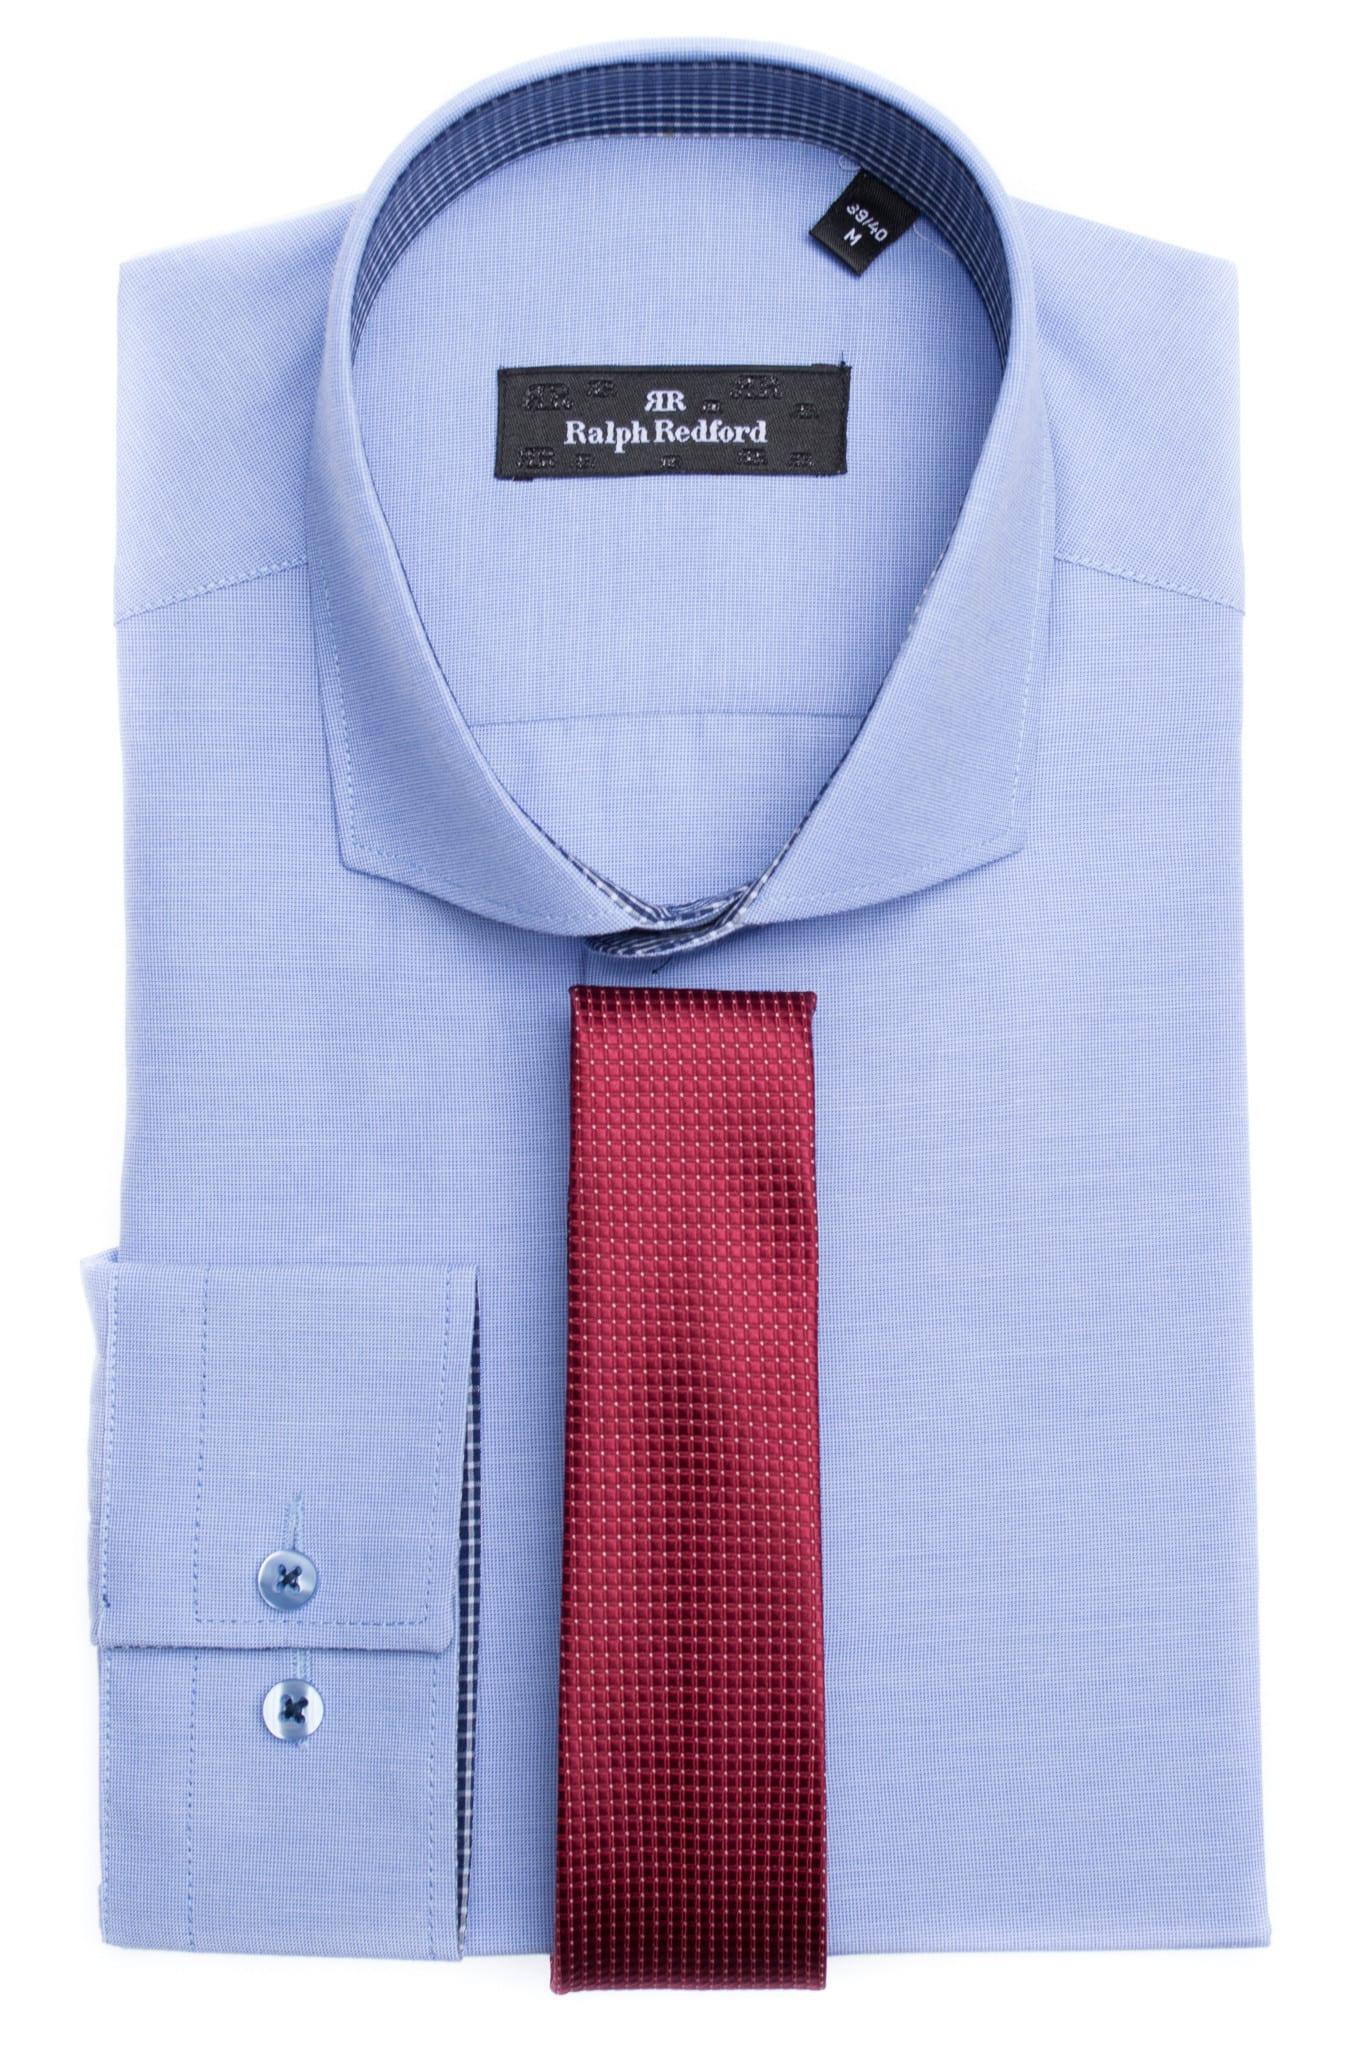 64006d0198 Ralph Redford Kék-Piros Kockás Ing - Elite Fashion Öltönyház